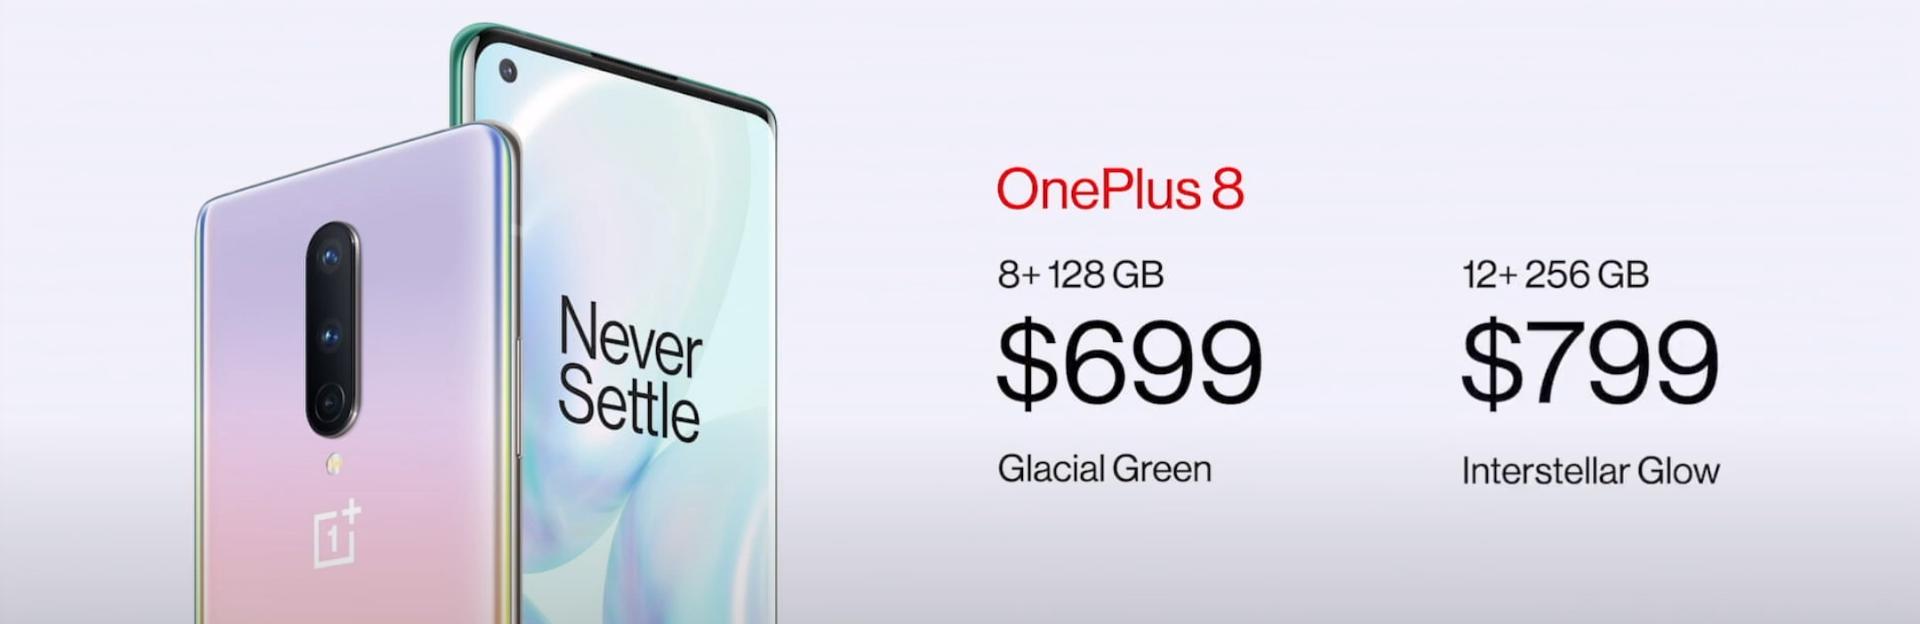 цена OnePlus 8